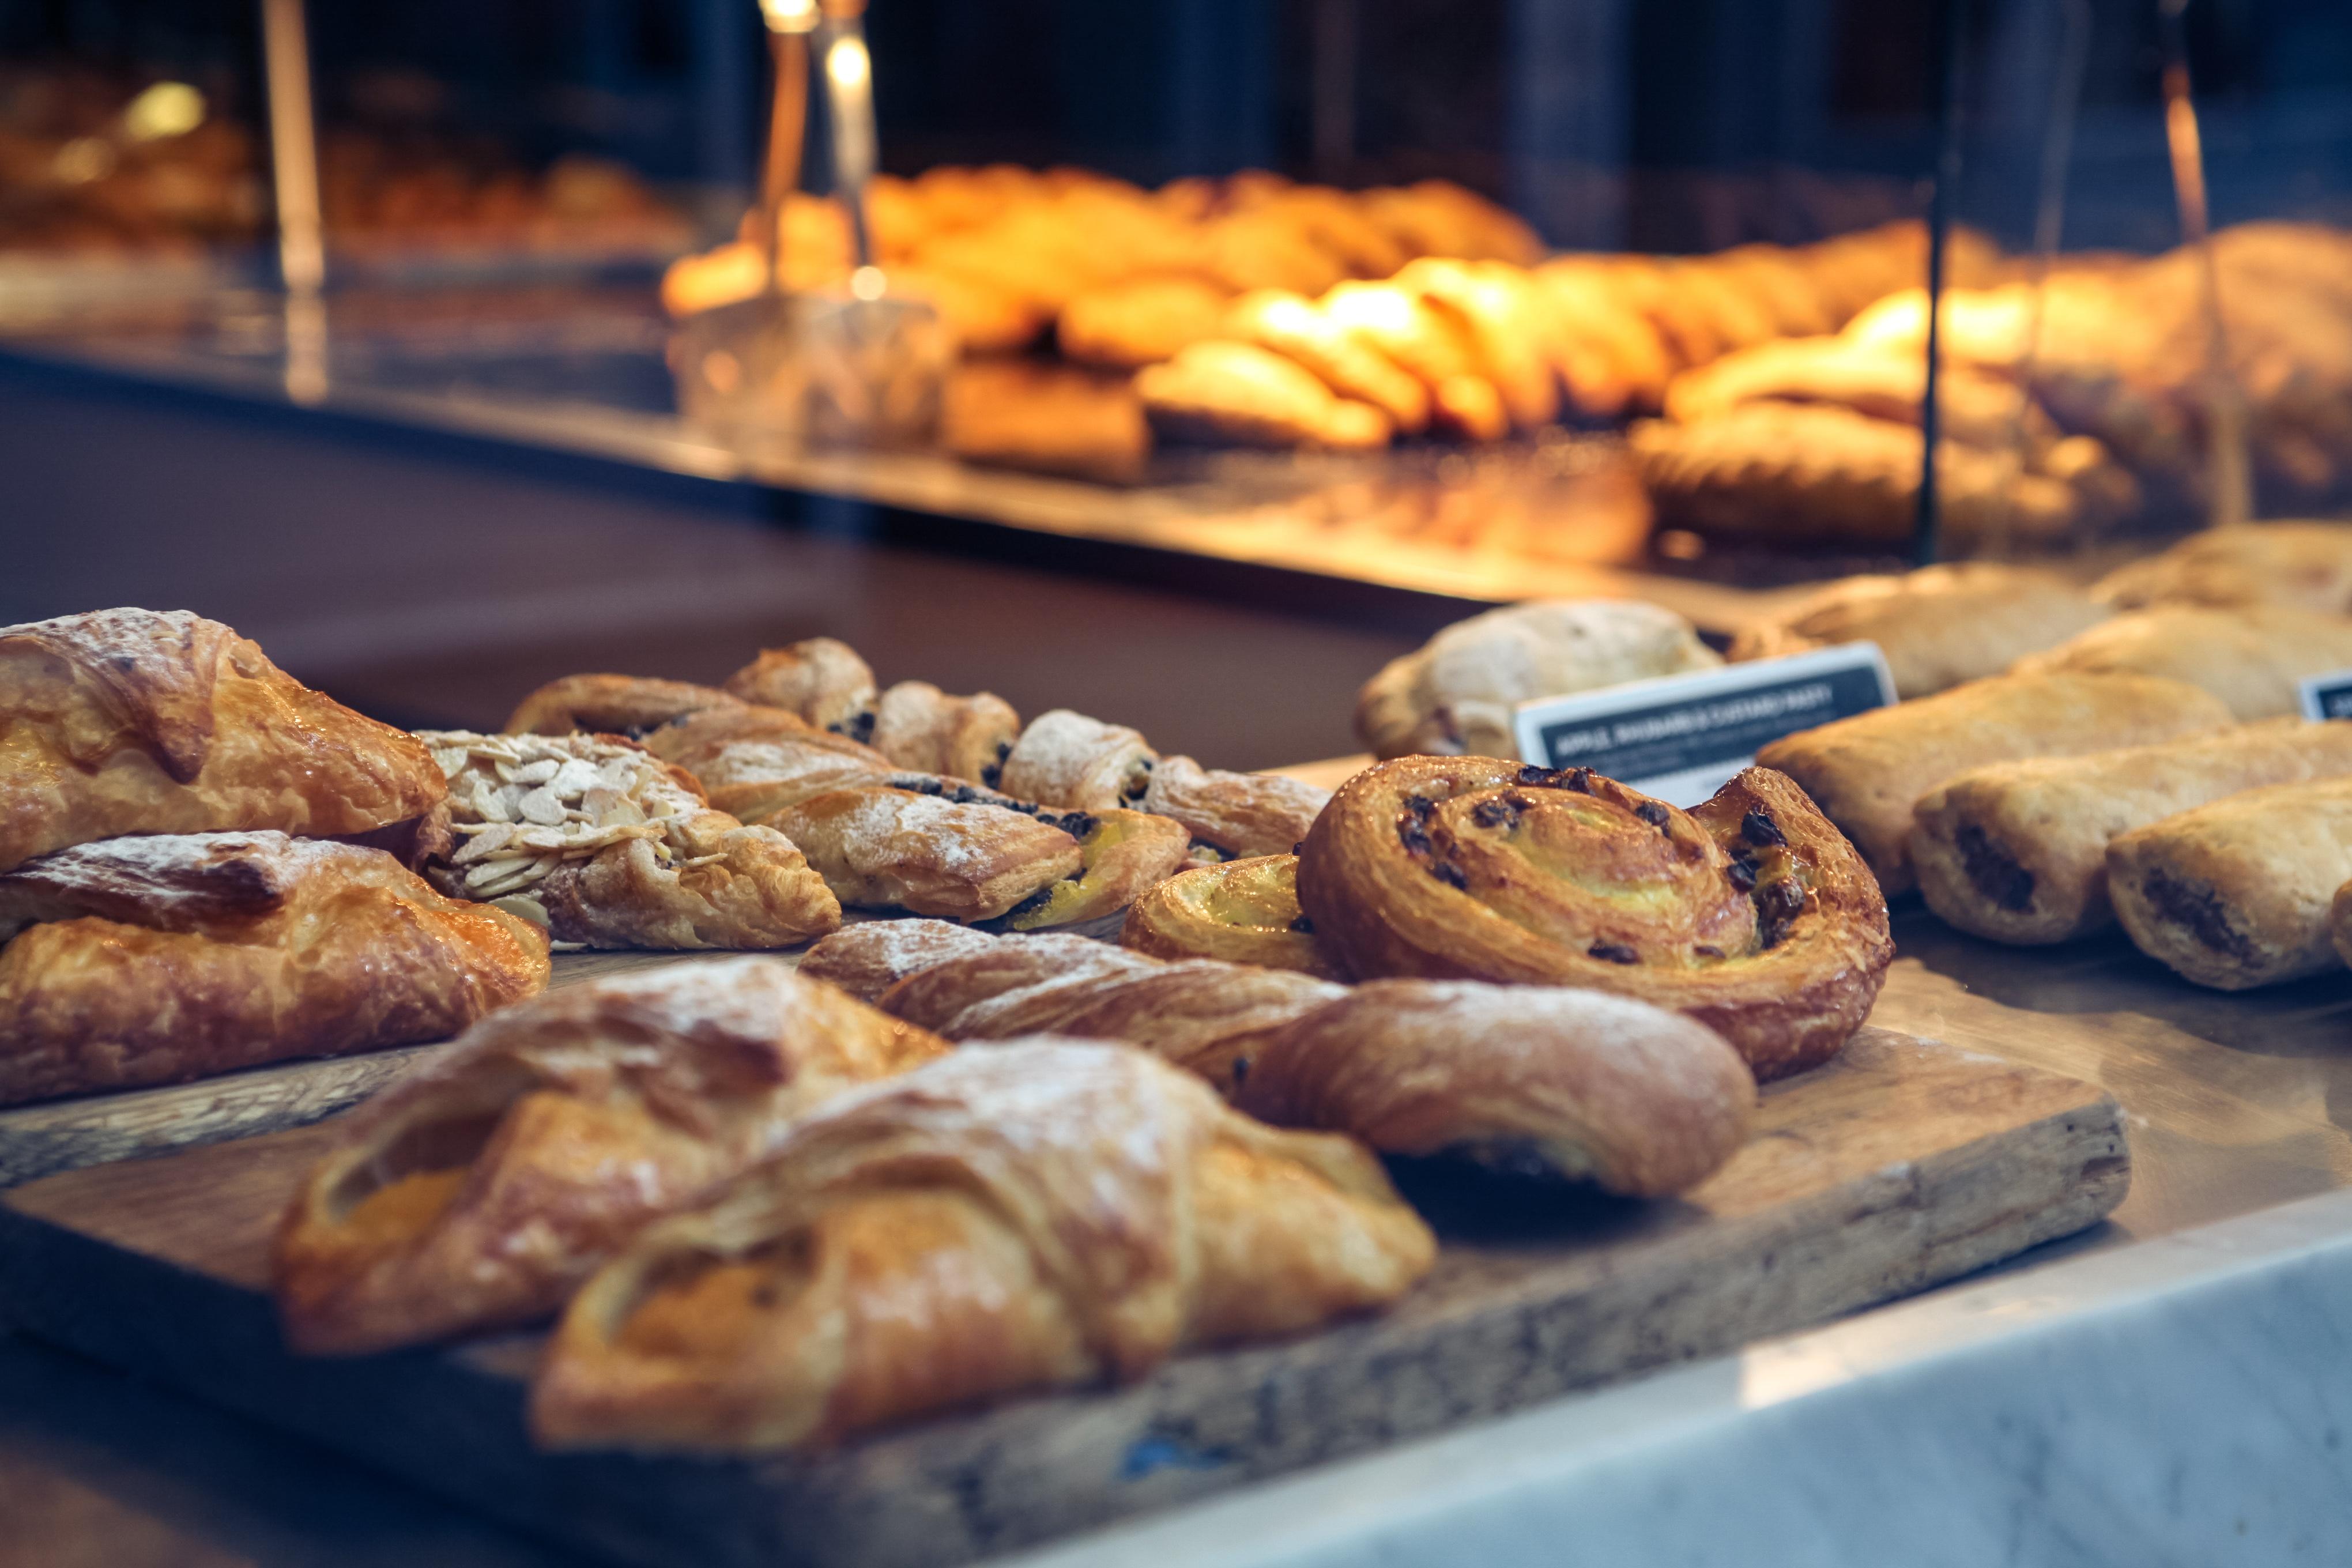 Superbe Boulangerie: emplacement de premier ordre, haut potentiel